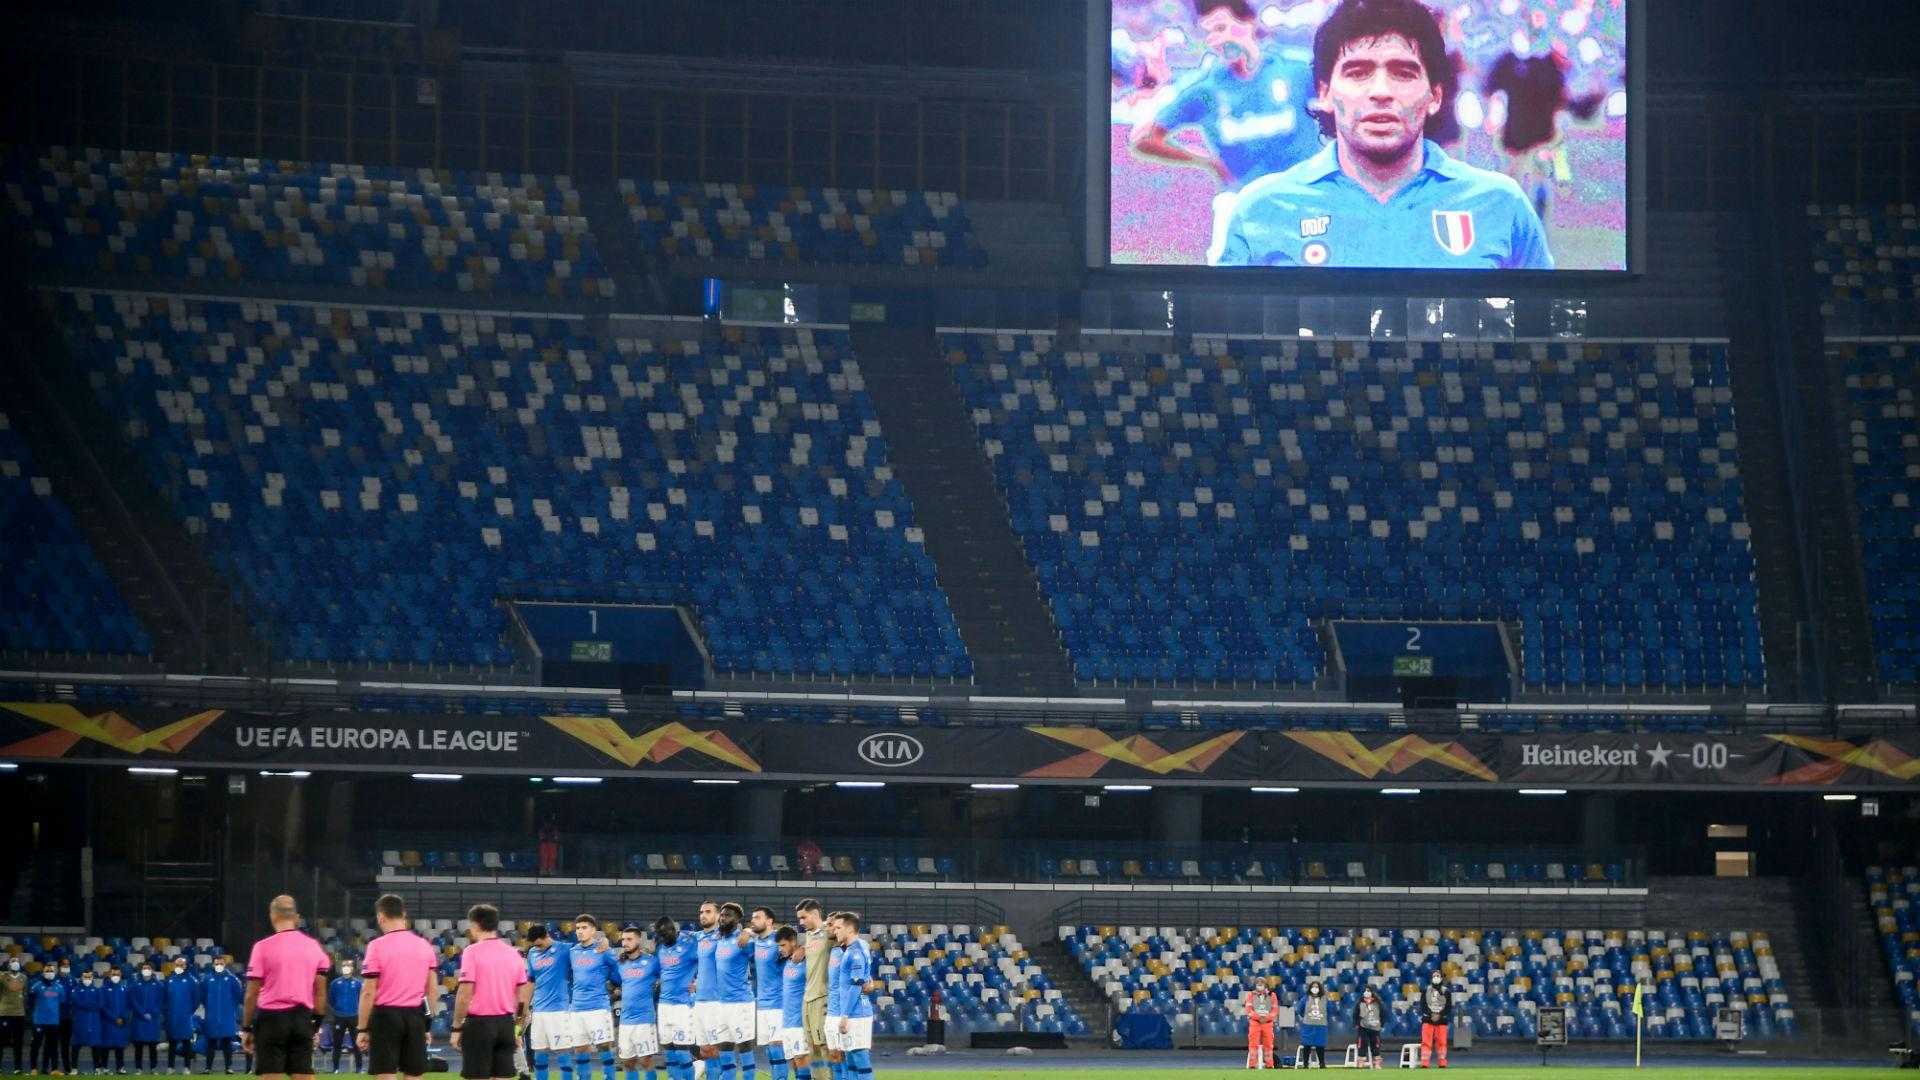 El conmovedor homenaje de Napoli en el San Paolo para Diego Maradona |  Goal.com